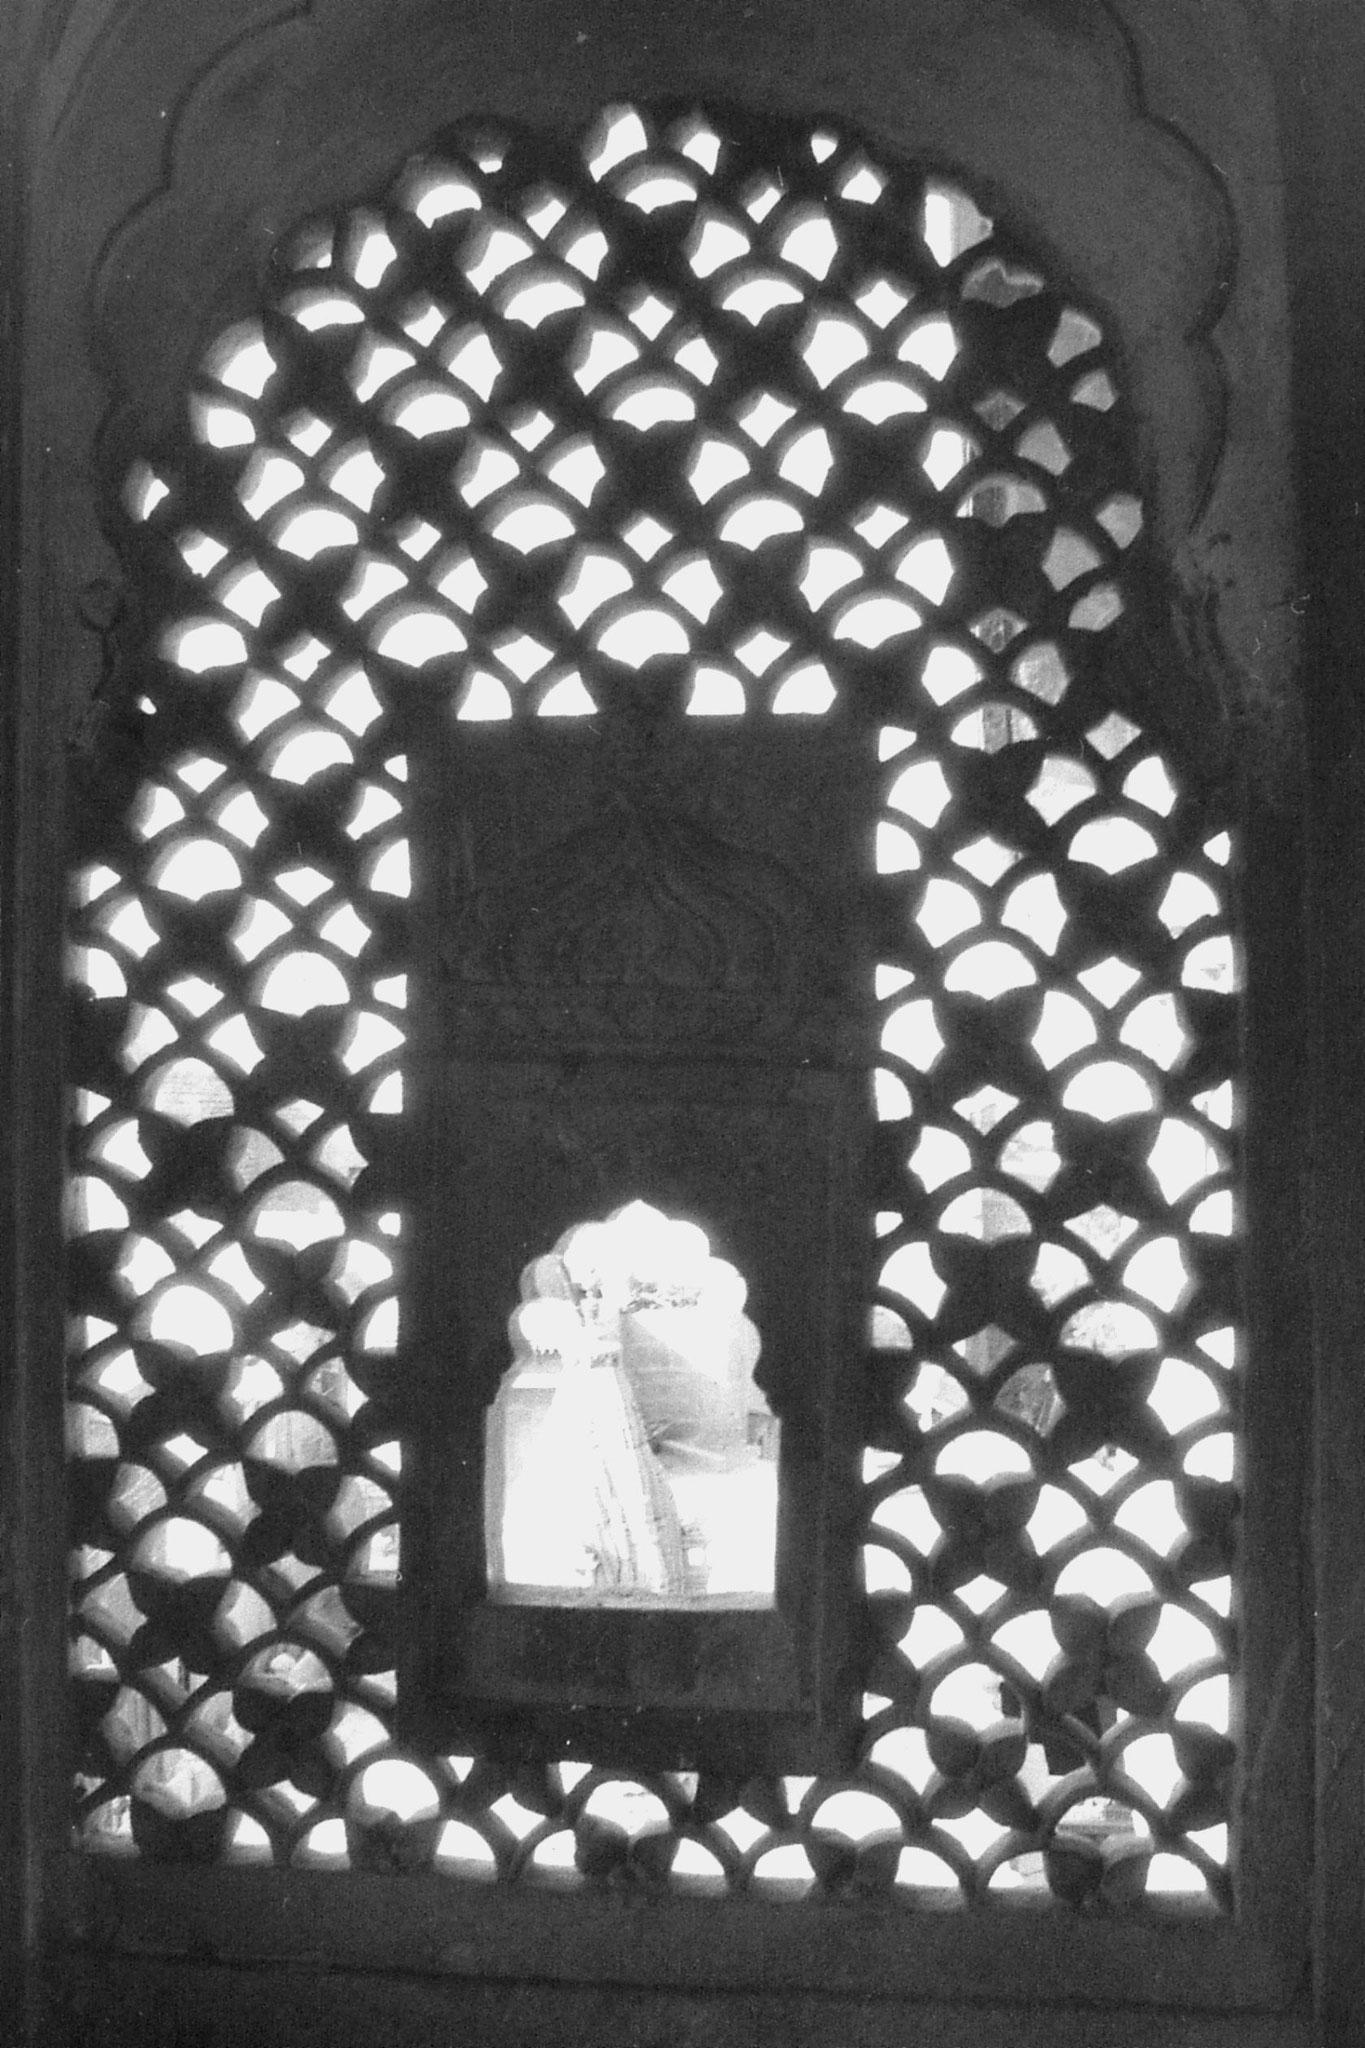 3/12/1989: 28: Jaisalmer